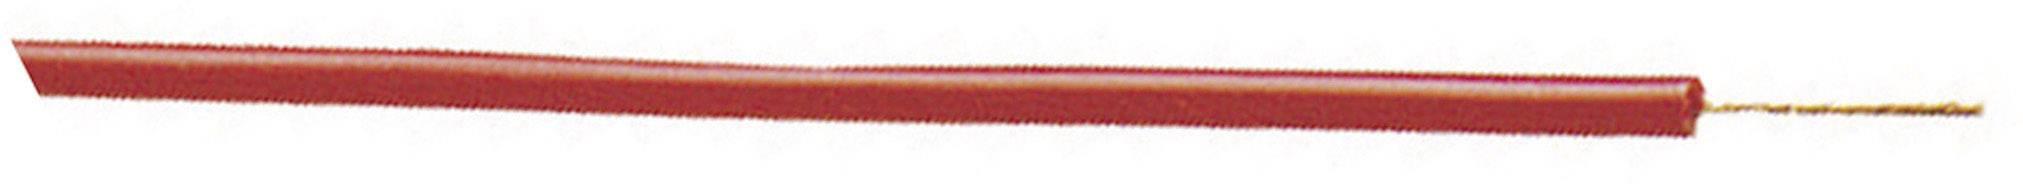 Opletenie / lanko Stäubli 61.7554-00120 SILI-E, 1 x 1 mm², vonkajší Ø 3 mm, metrový tovar, zelenožltá